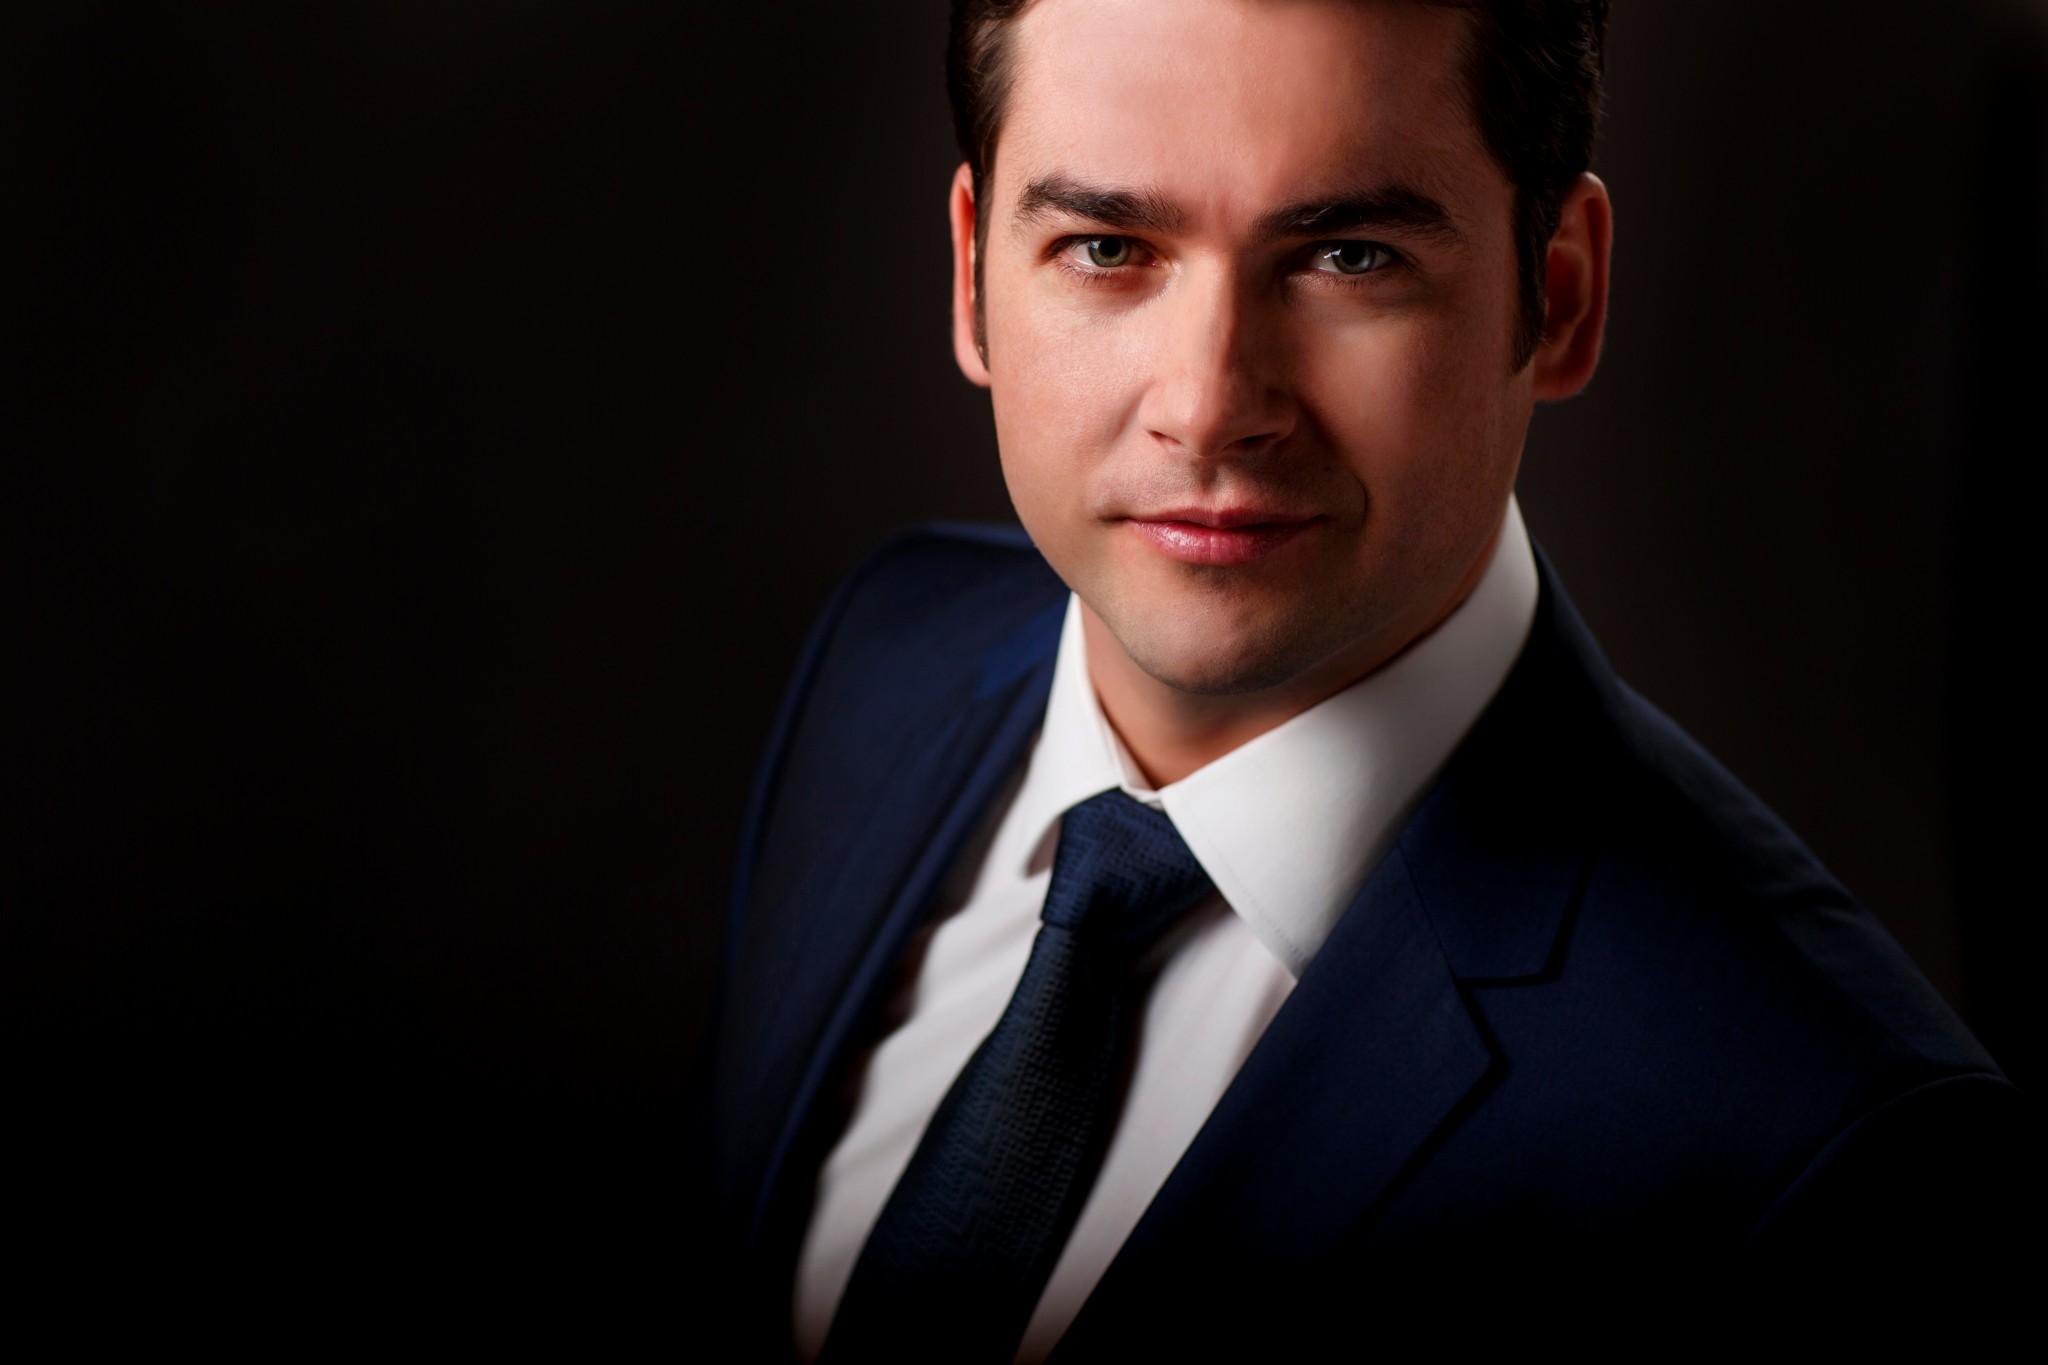 Teodor Ilincal, opera singer 3-16